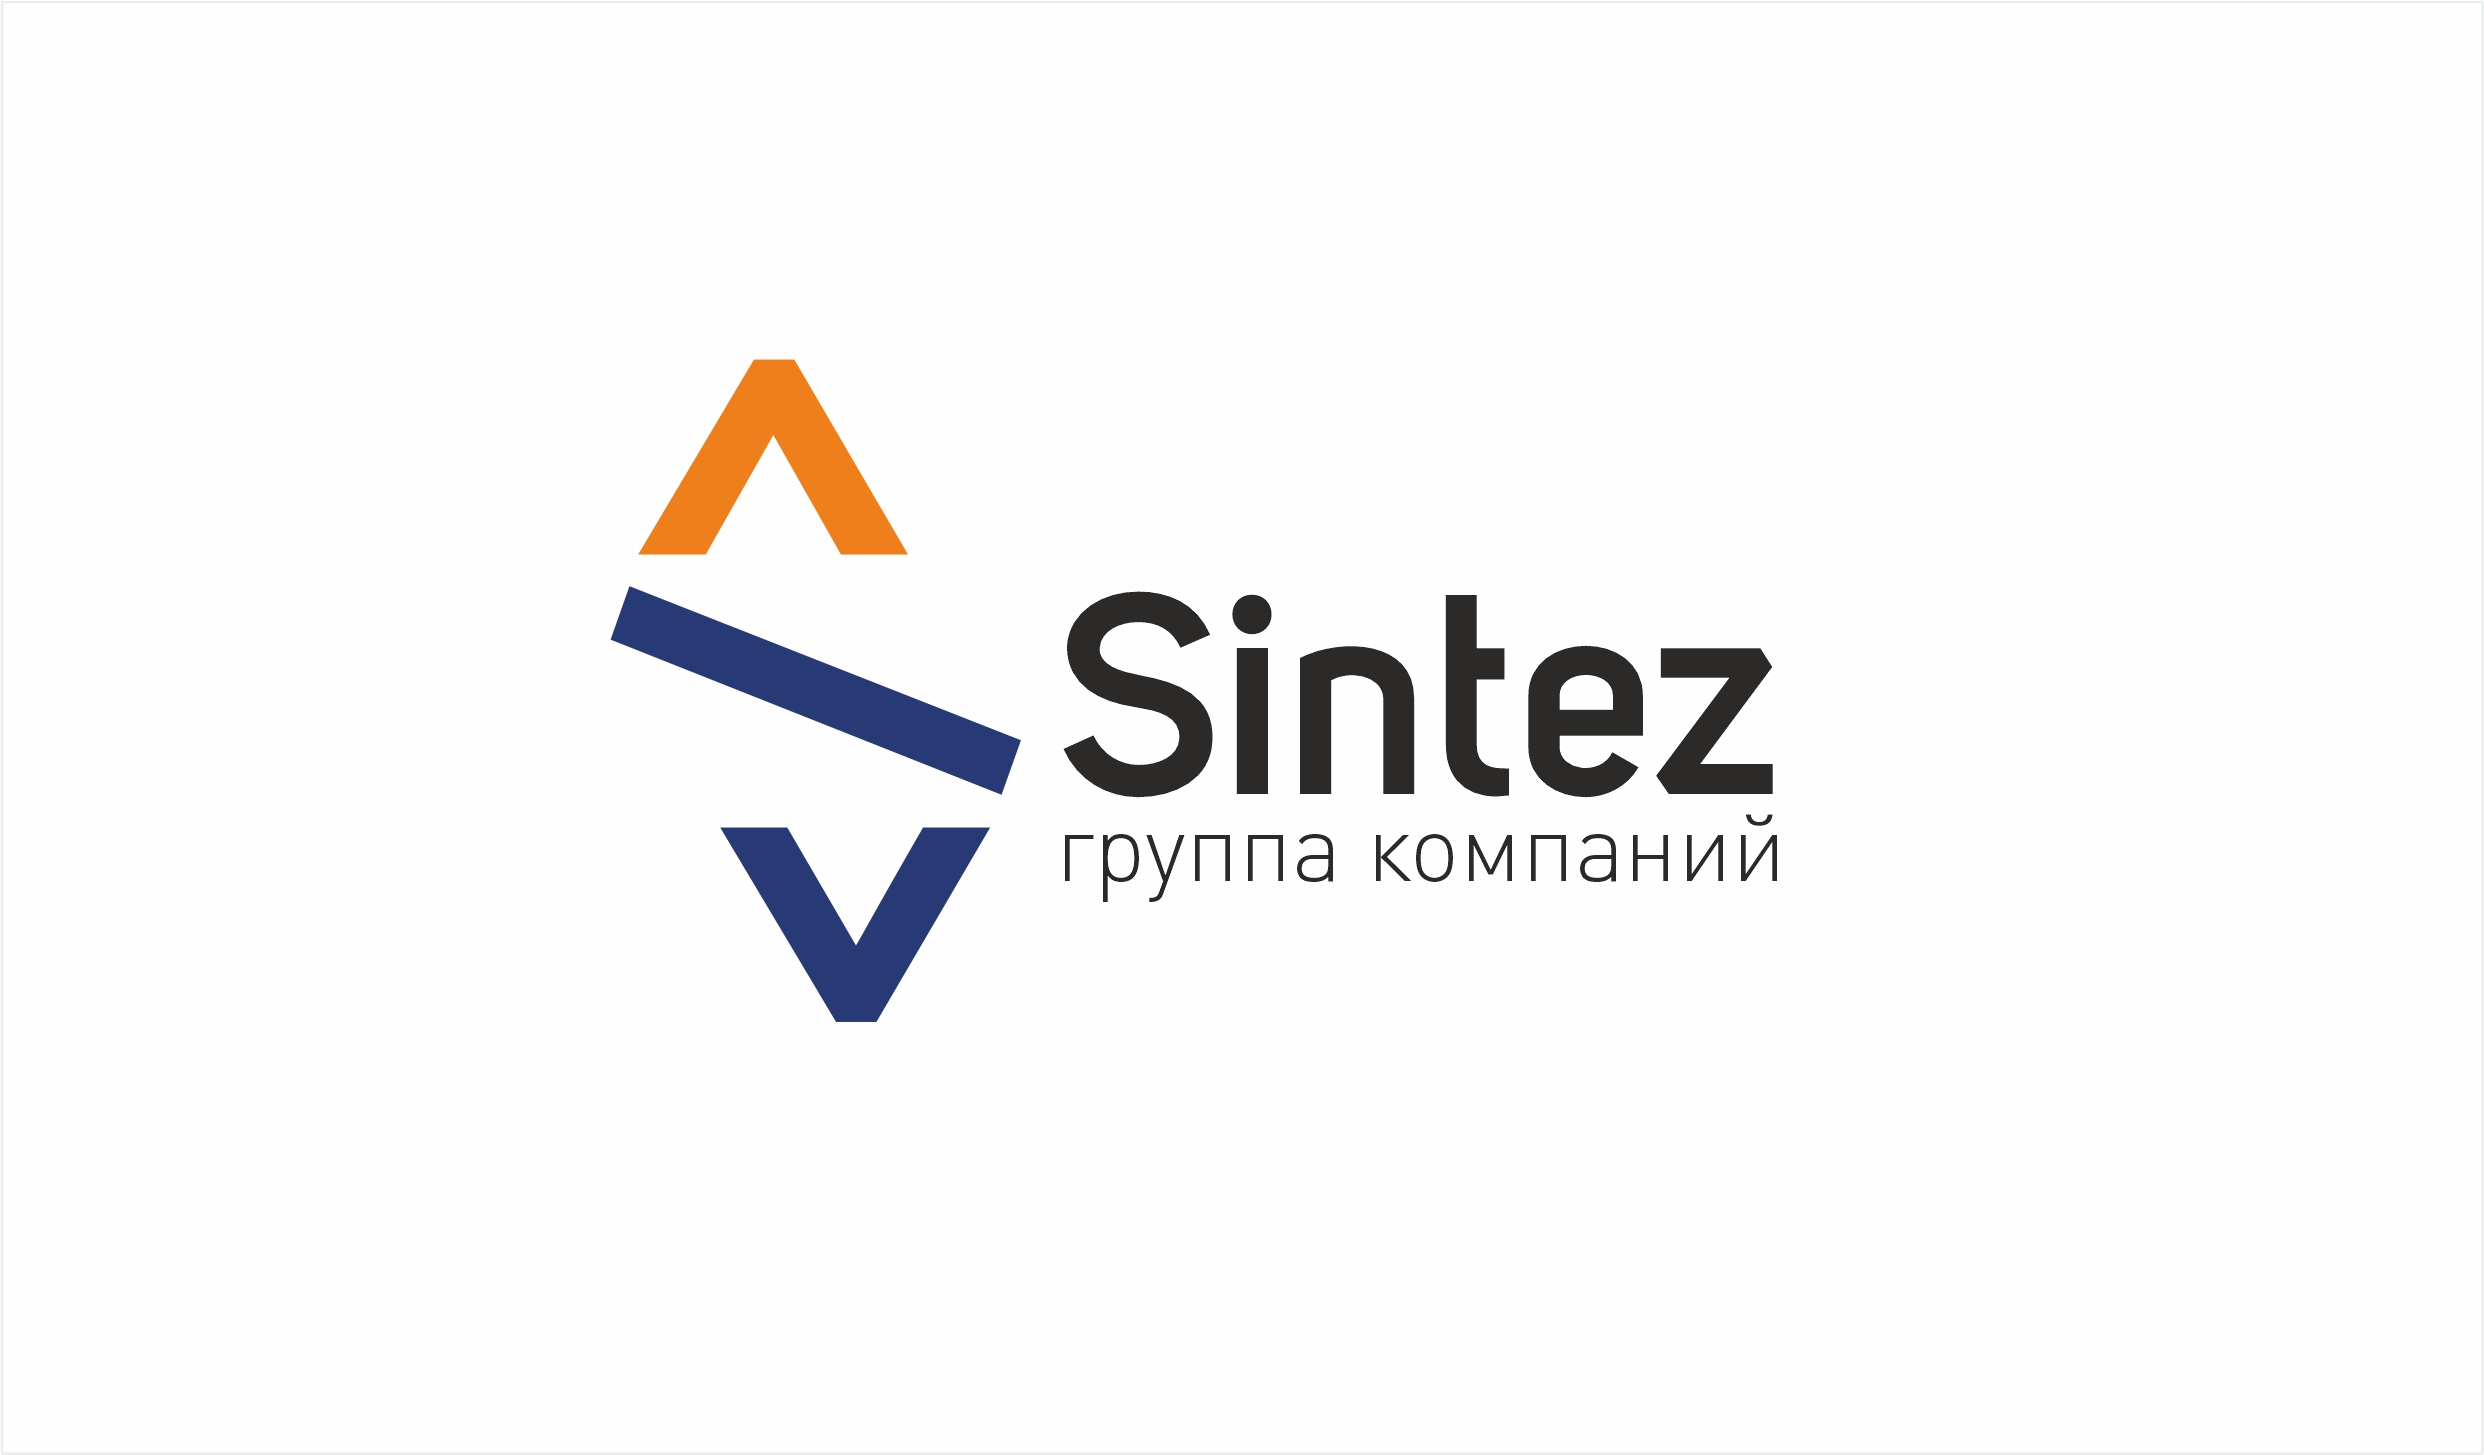 Разрабтка логотипа компании и фирменного шрифта фото f_0045f615132e6832.jpg